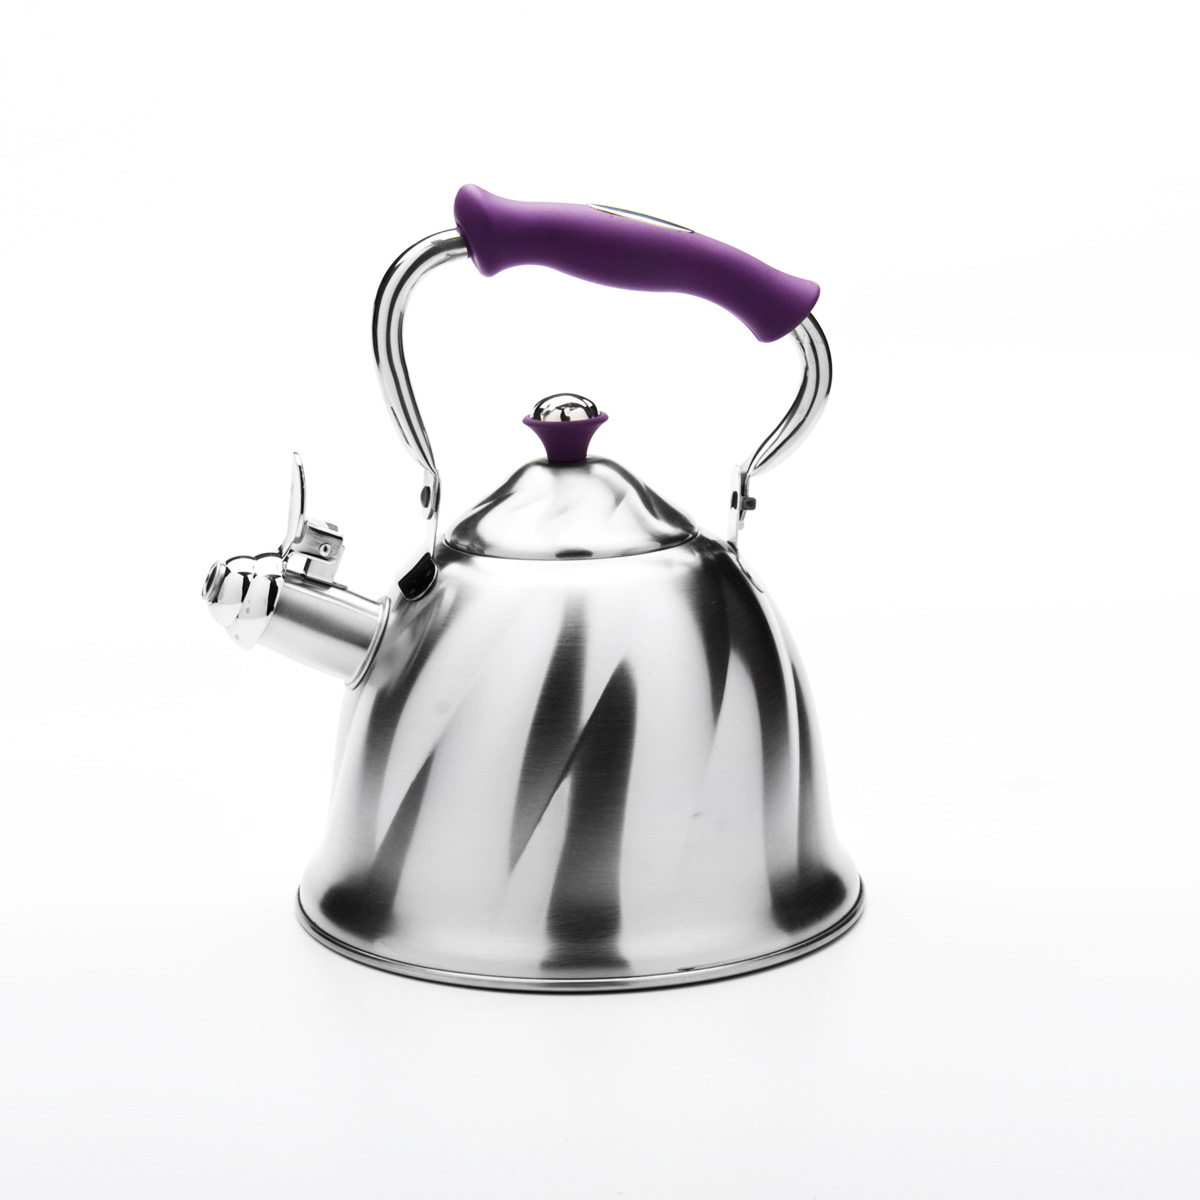 Чайник Mayer & Boch со свистком, цвет: фиолетовый, 3 л. 2377754 009312Чайник Mayer & Boch выполнен из высококачественной нержавеющей стали, что обеспечивает долговечность использования. Внешнее матовоепокрытие придает приятный внешний вид. Фиксированная ручка из бакелита делает использование чайника очень удобным и безопасным. Чайник снабжен свистком и устройством для открывания носика. Можно мыть в посудомоечной машине. Пригоден для всех видов плит, кроме индукционных. Высота чайника (без учета крышки и ручки): 13 см.Диаметр основания: 21 см.